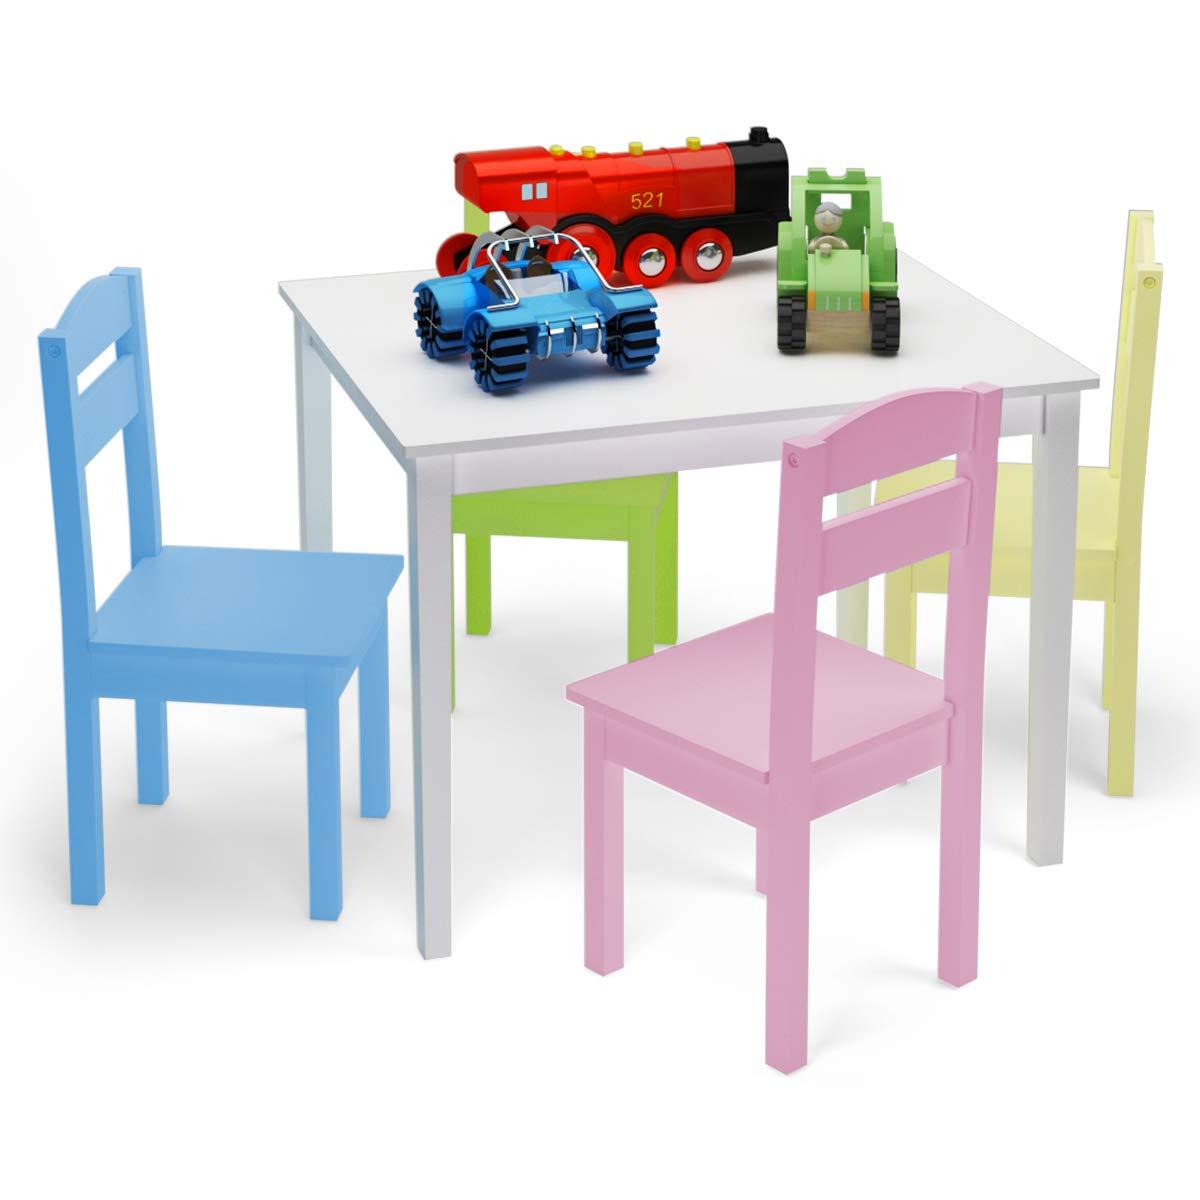 Goplus - Juego de mesa y 4 sillas para niños, juego de muebles de MDF para trabajar, comer, dibujar, jugar, naturaleza, multicolor claro y multicolor: Amazon.es: Hogar